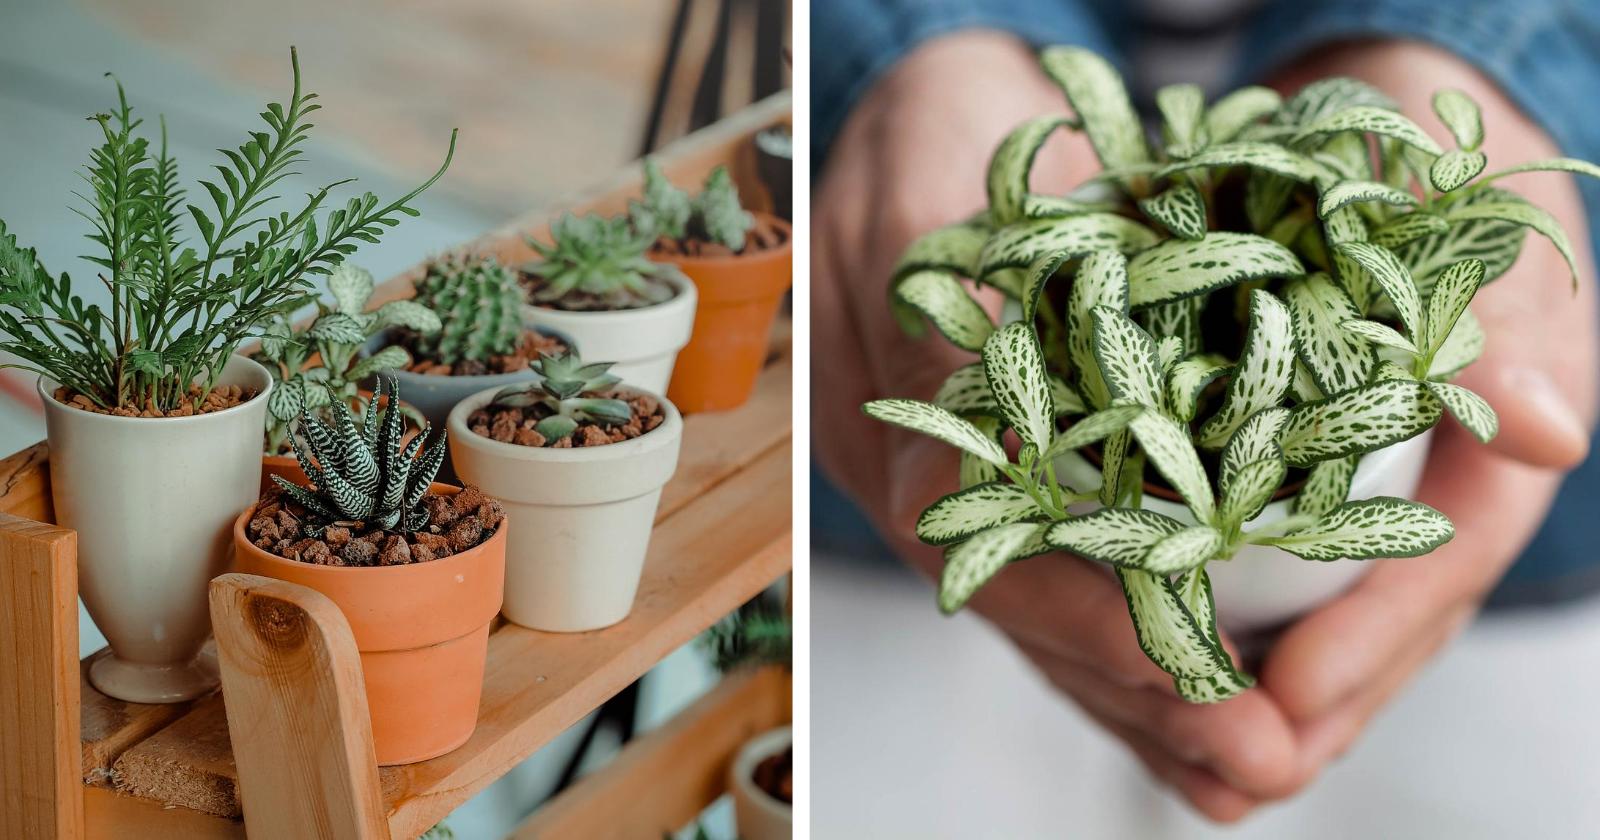 10 plantas de casa que são boas para sua saúde (e fáceis de cuidar)